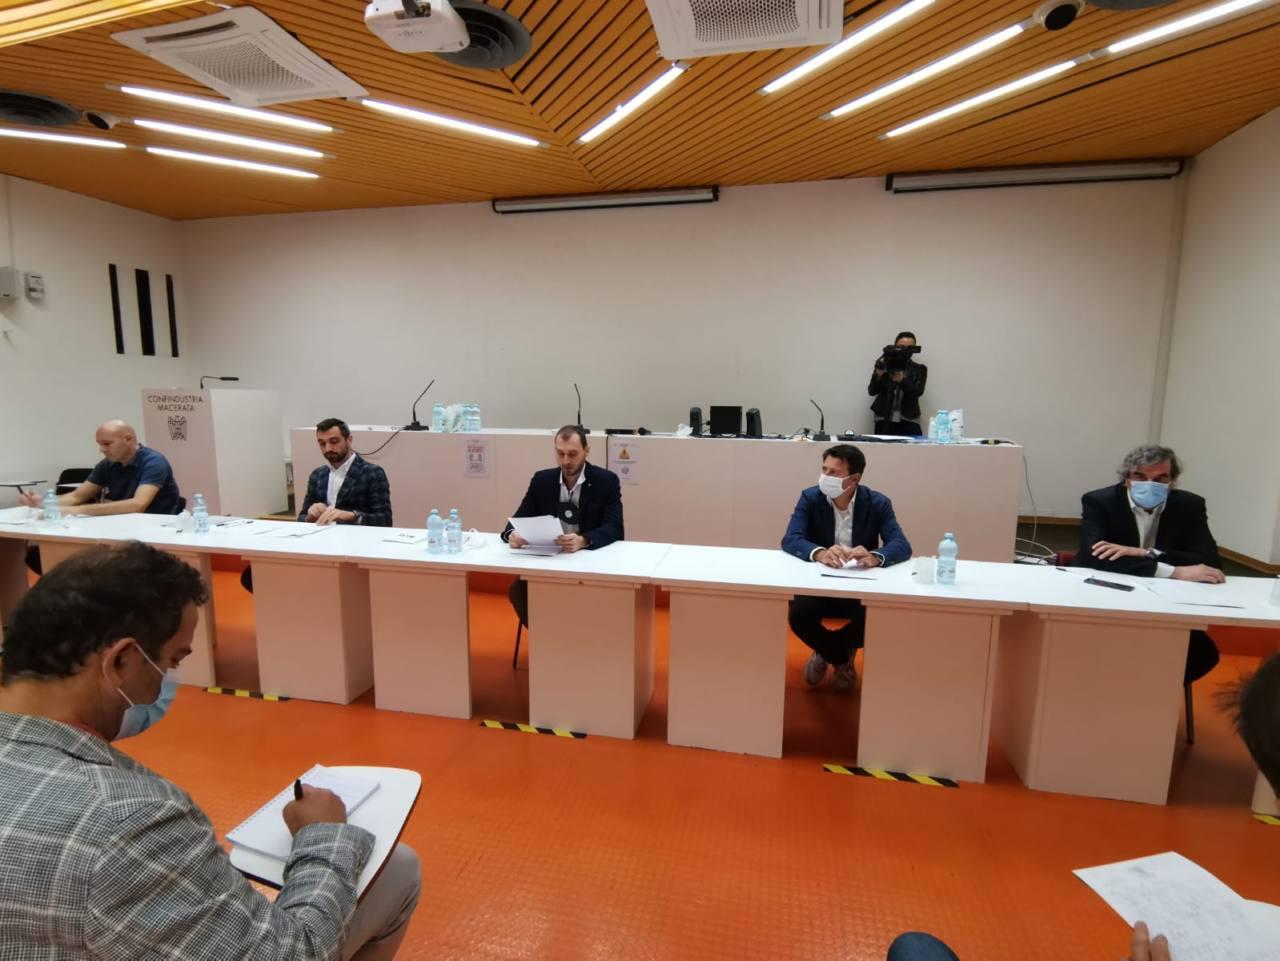 L'incontro di Confindustria dopo il Micam. Da sinistra: Spernanzoni, Castricini, Piervincenzi, Sciamanna e Pucci